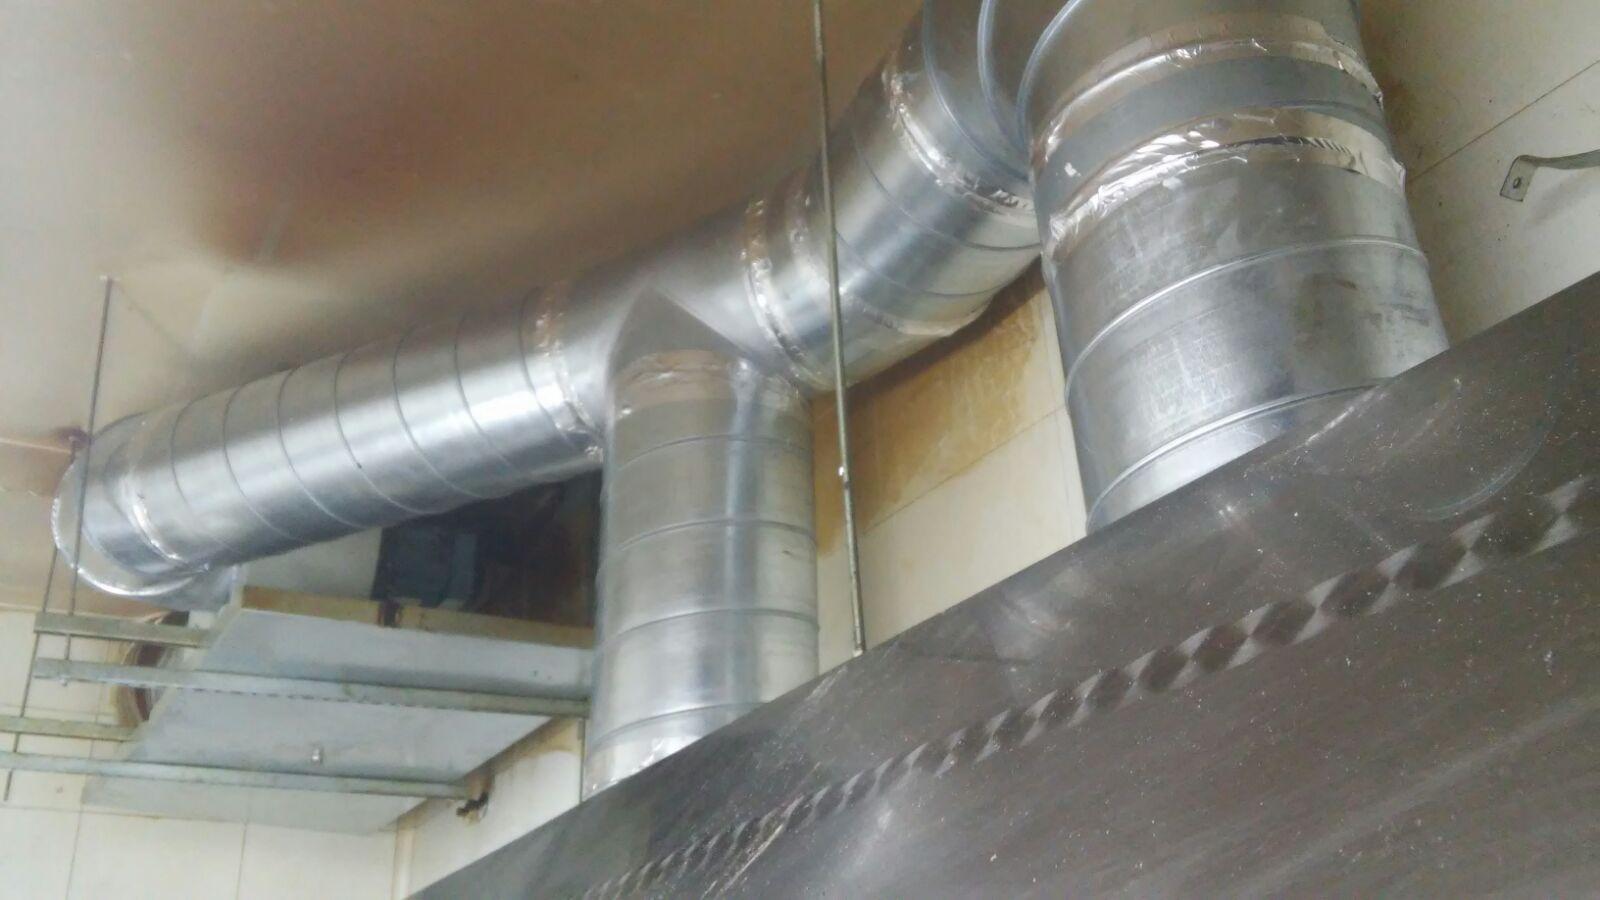 Motores salida de humos de cocinas industriales bares y - Tubos para salida humos cocina ...